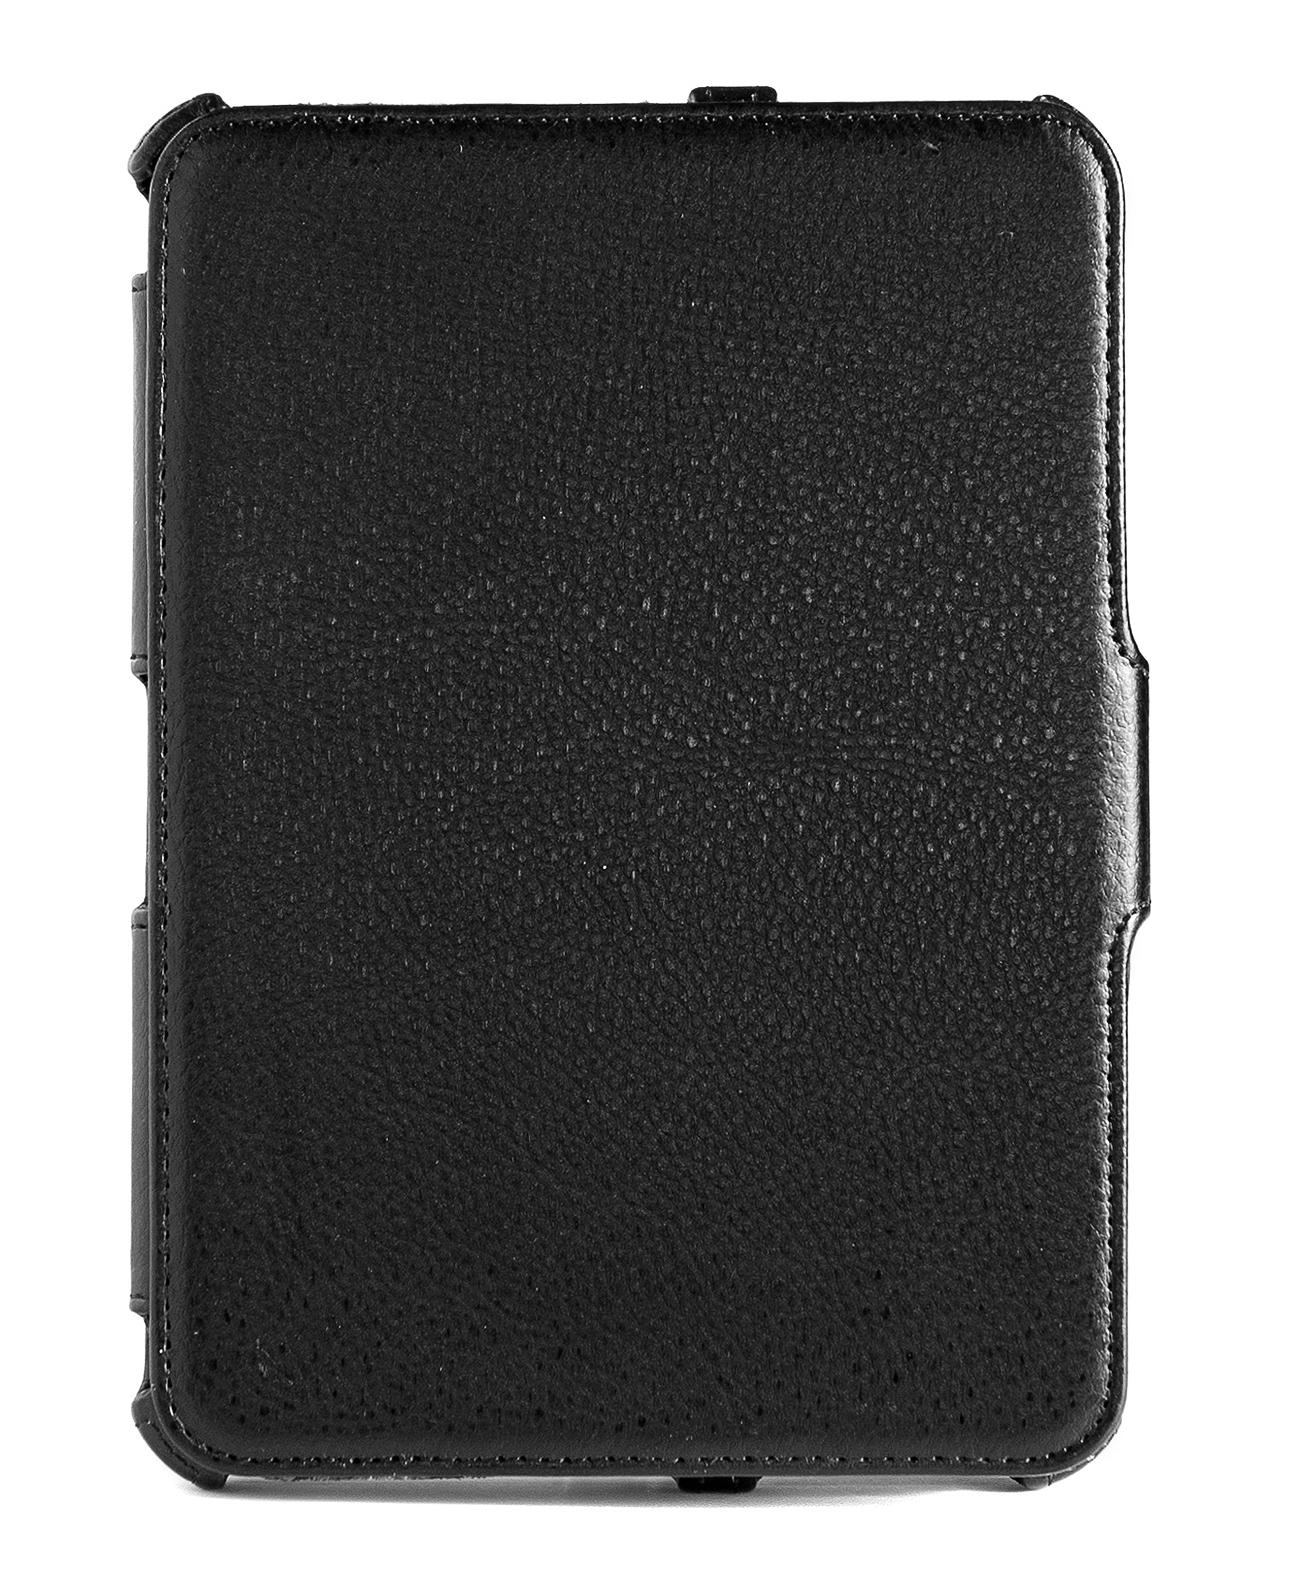 Чехол EGGO для Amazon Kindle Fire HD 7 (Кожа, Черный)